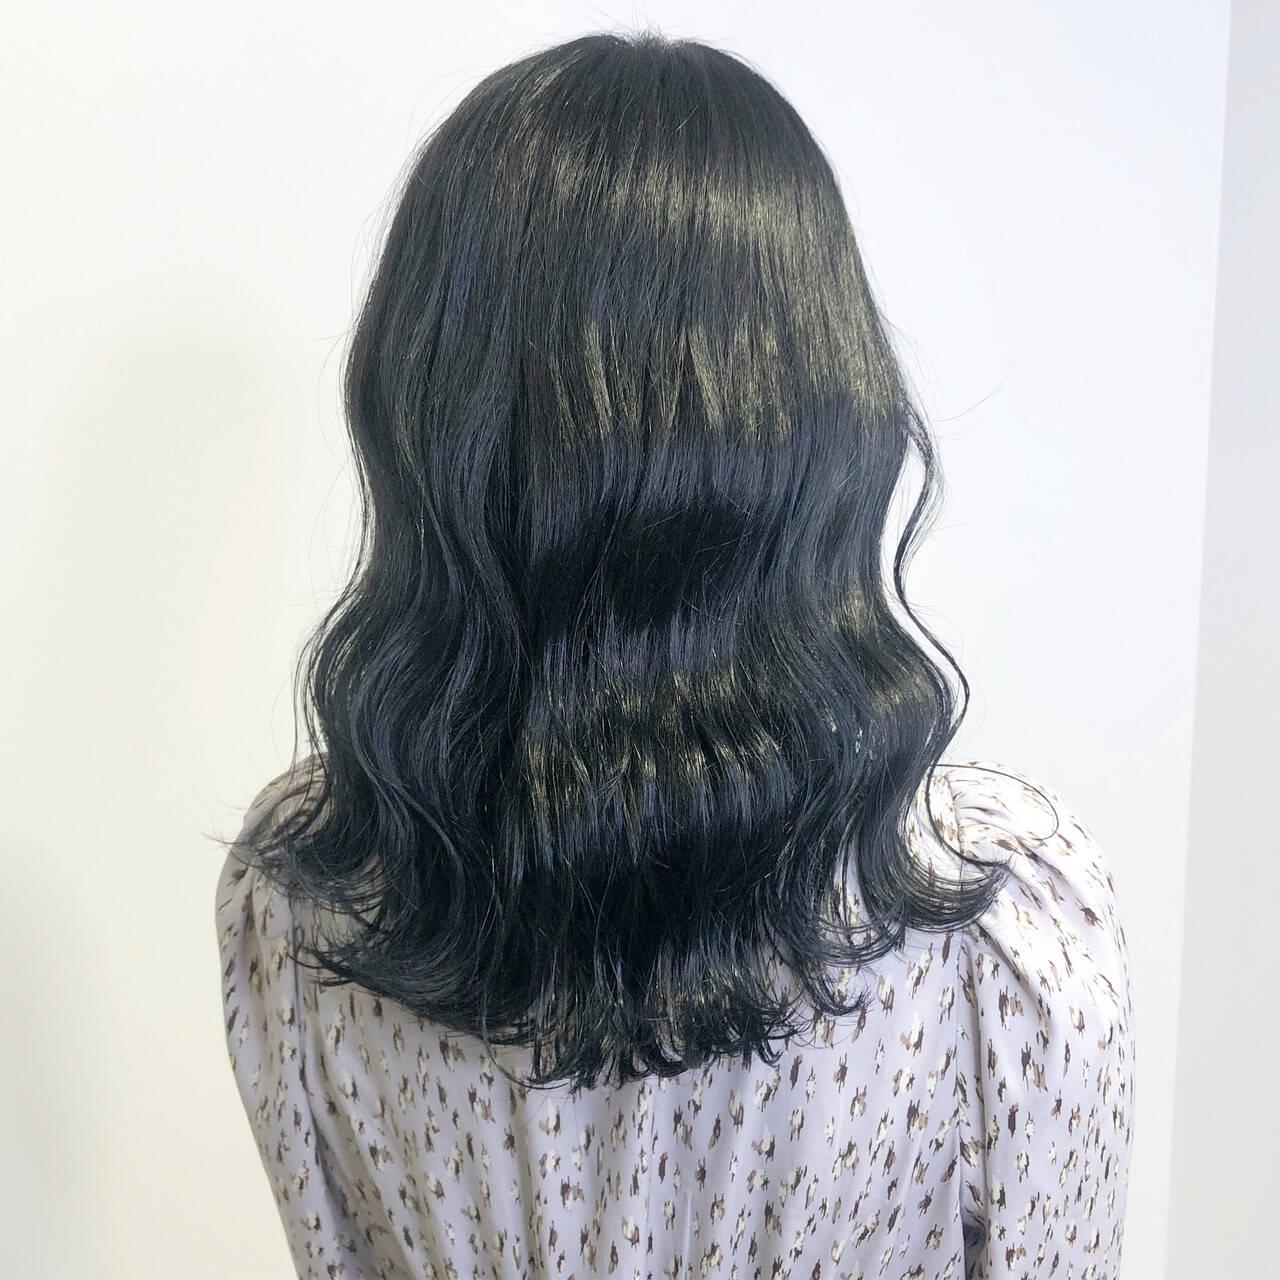 暗髪女子 ナチュラル ブルーブラック ネイビーブルーヘアスタイルや髪型の写真・画像